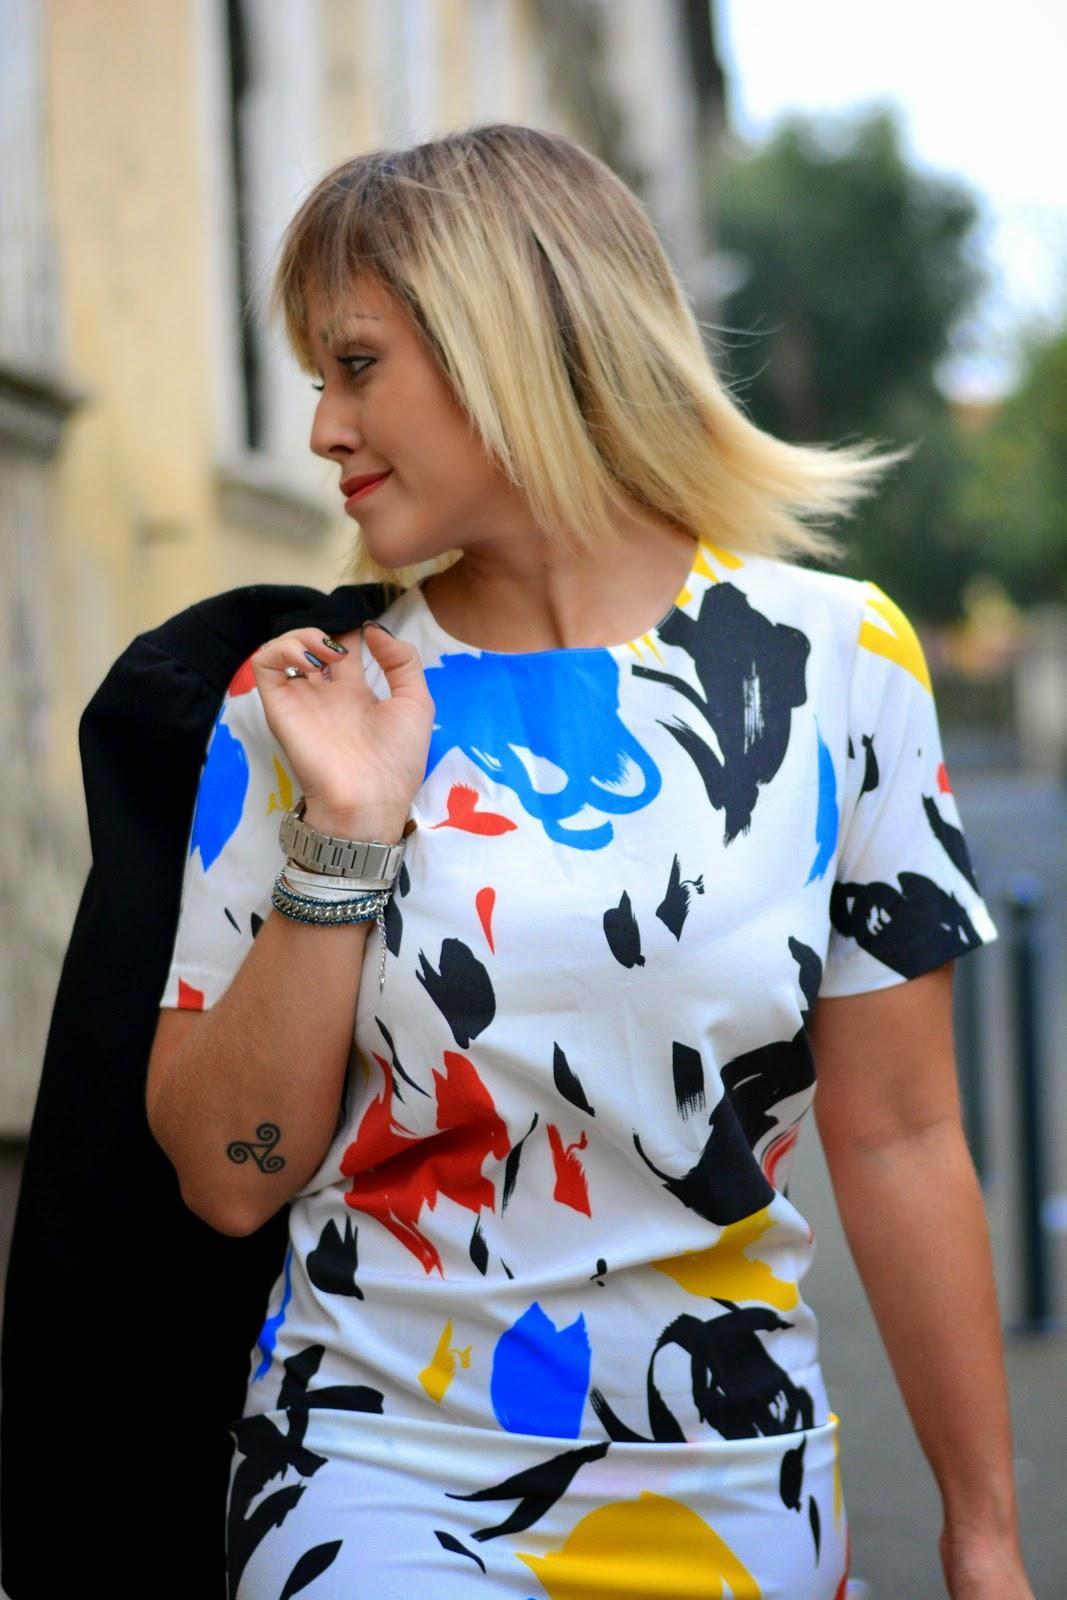 Graffiti Dress - Outfit - Culture & Trend - Jessica Neumann